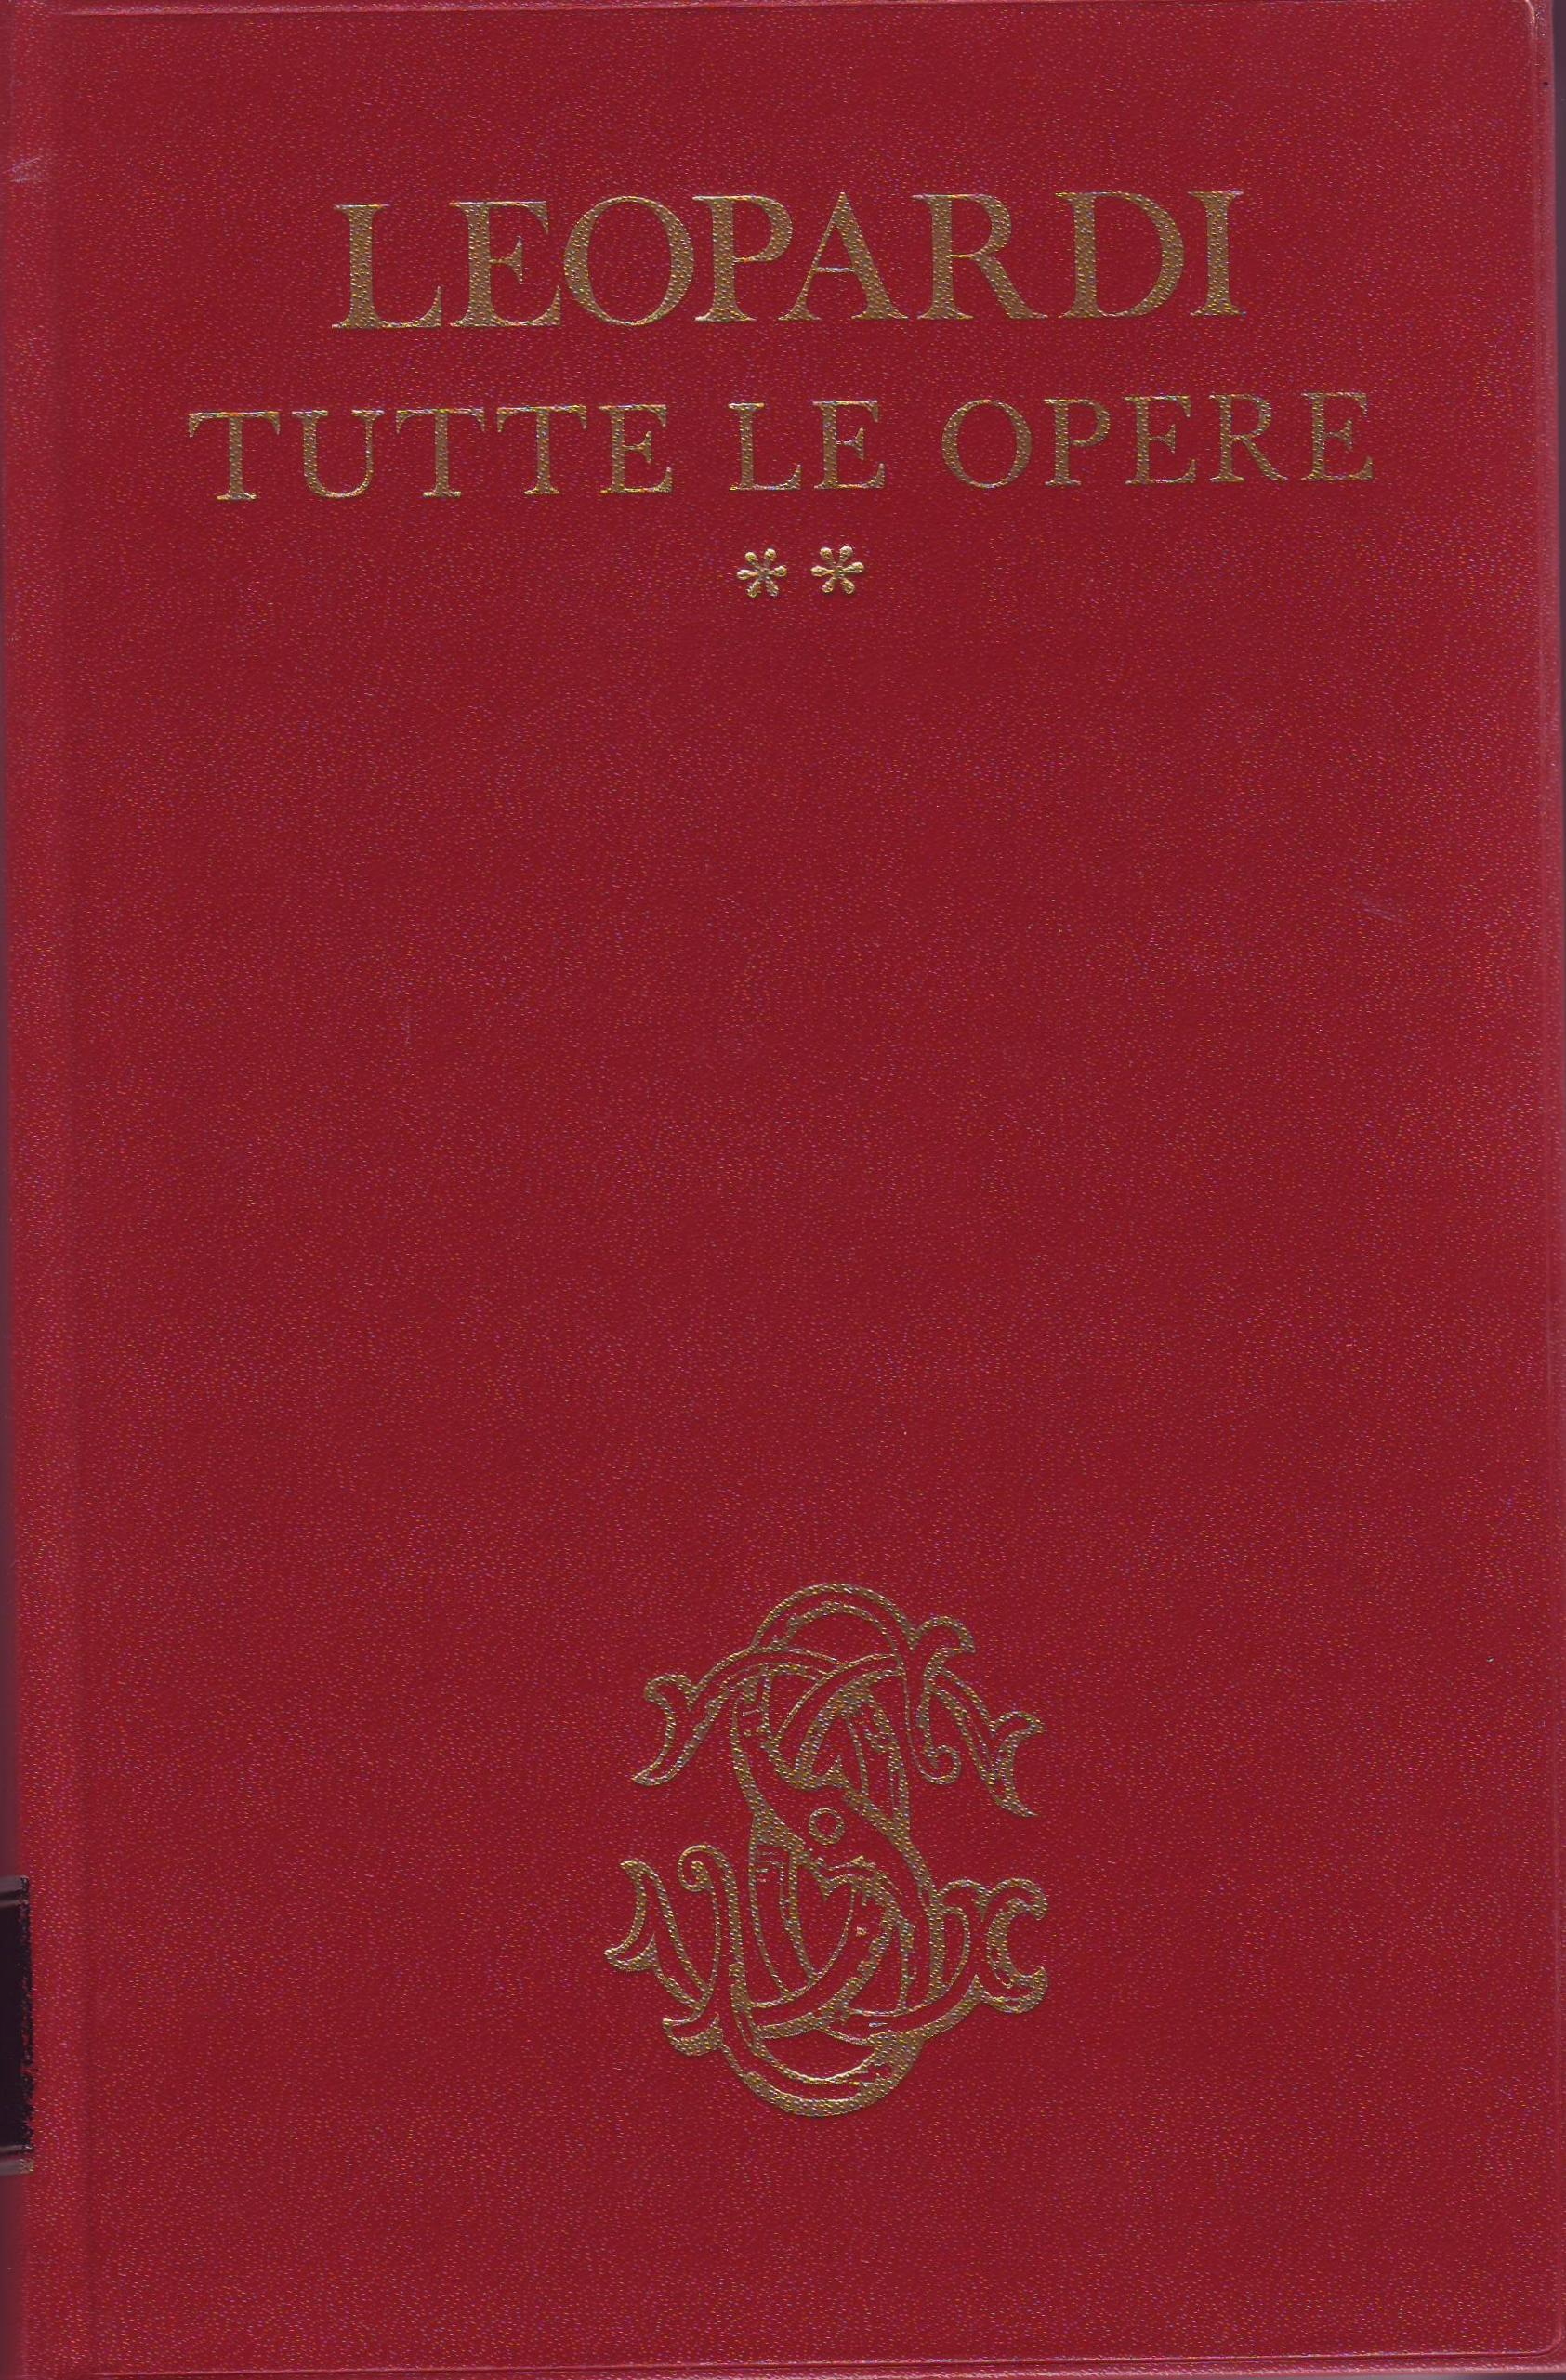 Tutte le opere - Vol. 2